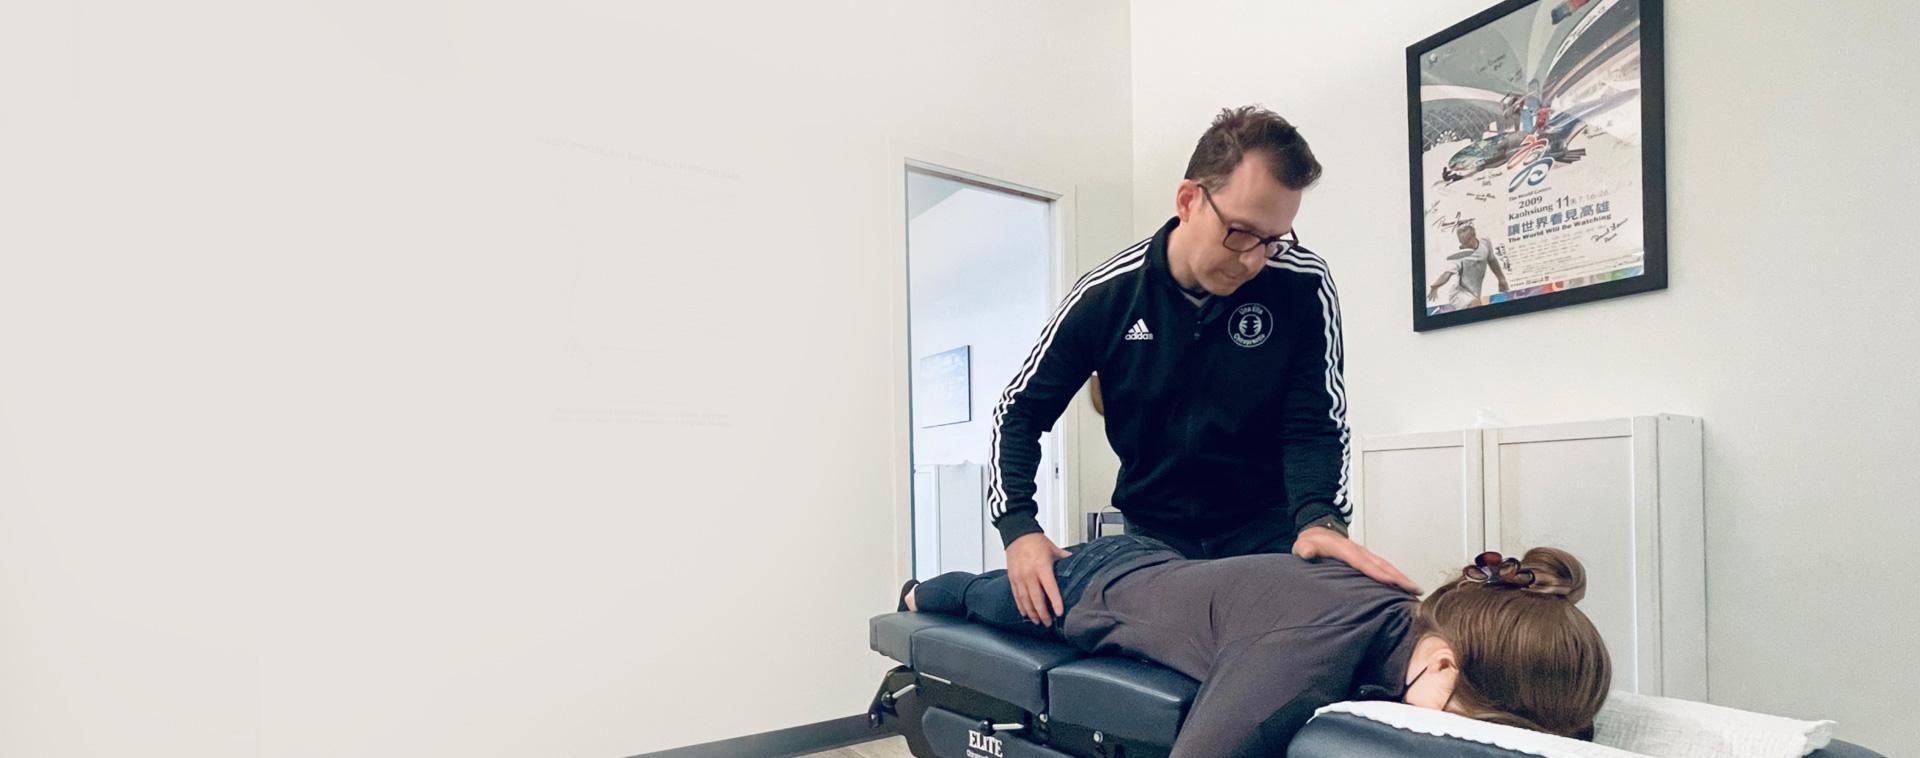 Dr. Avise adjusting patient on table